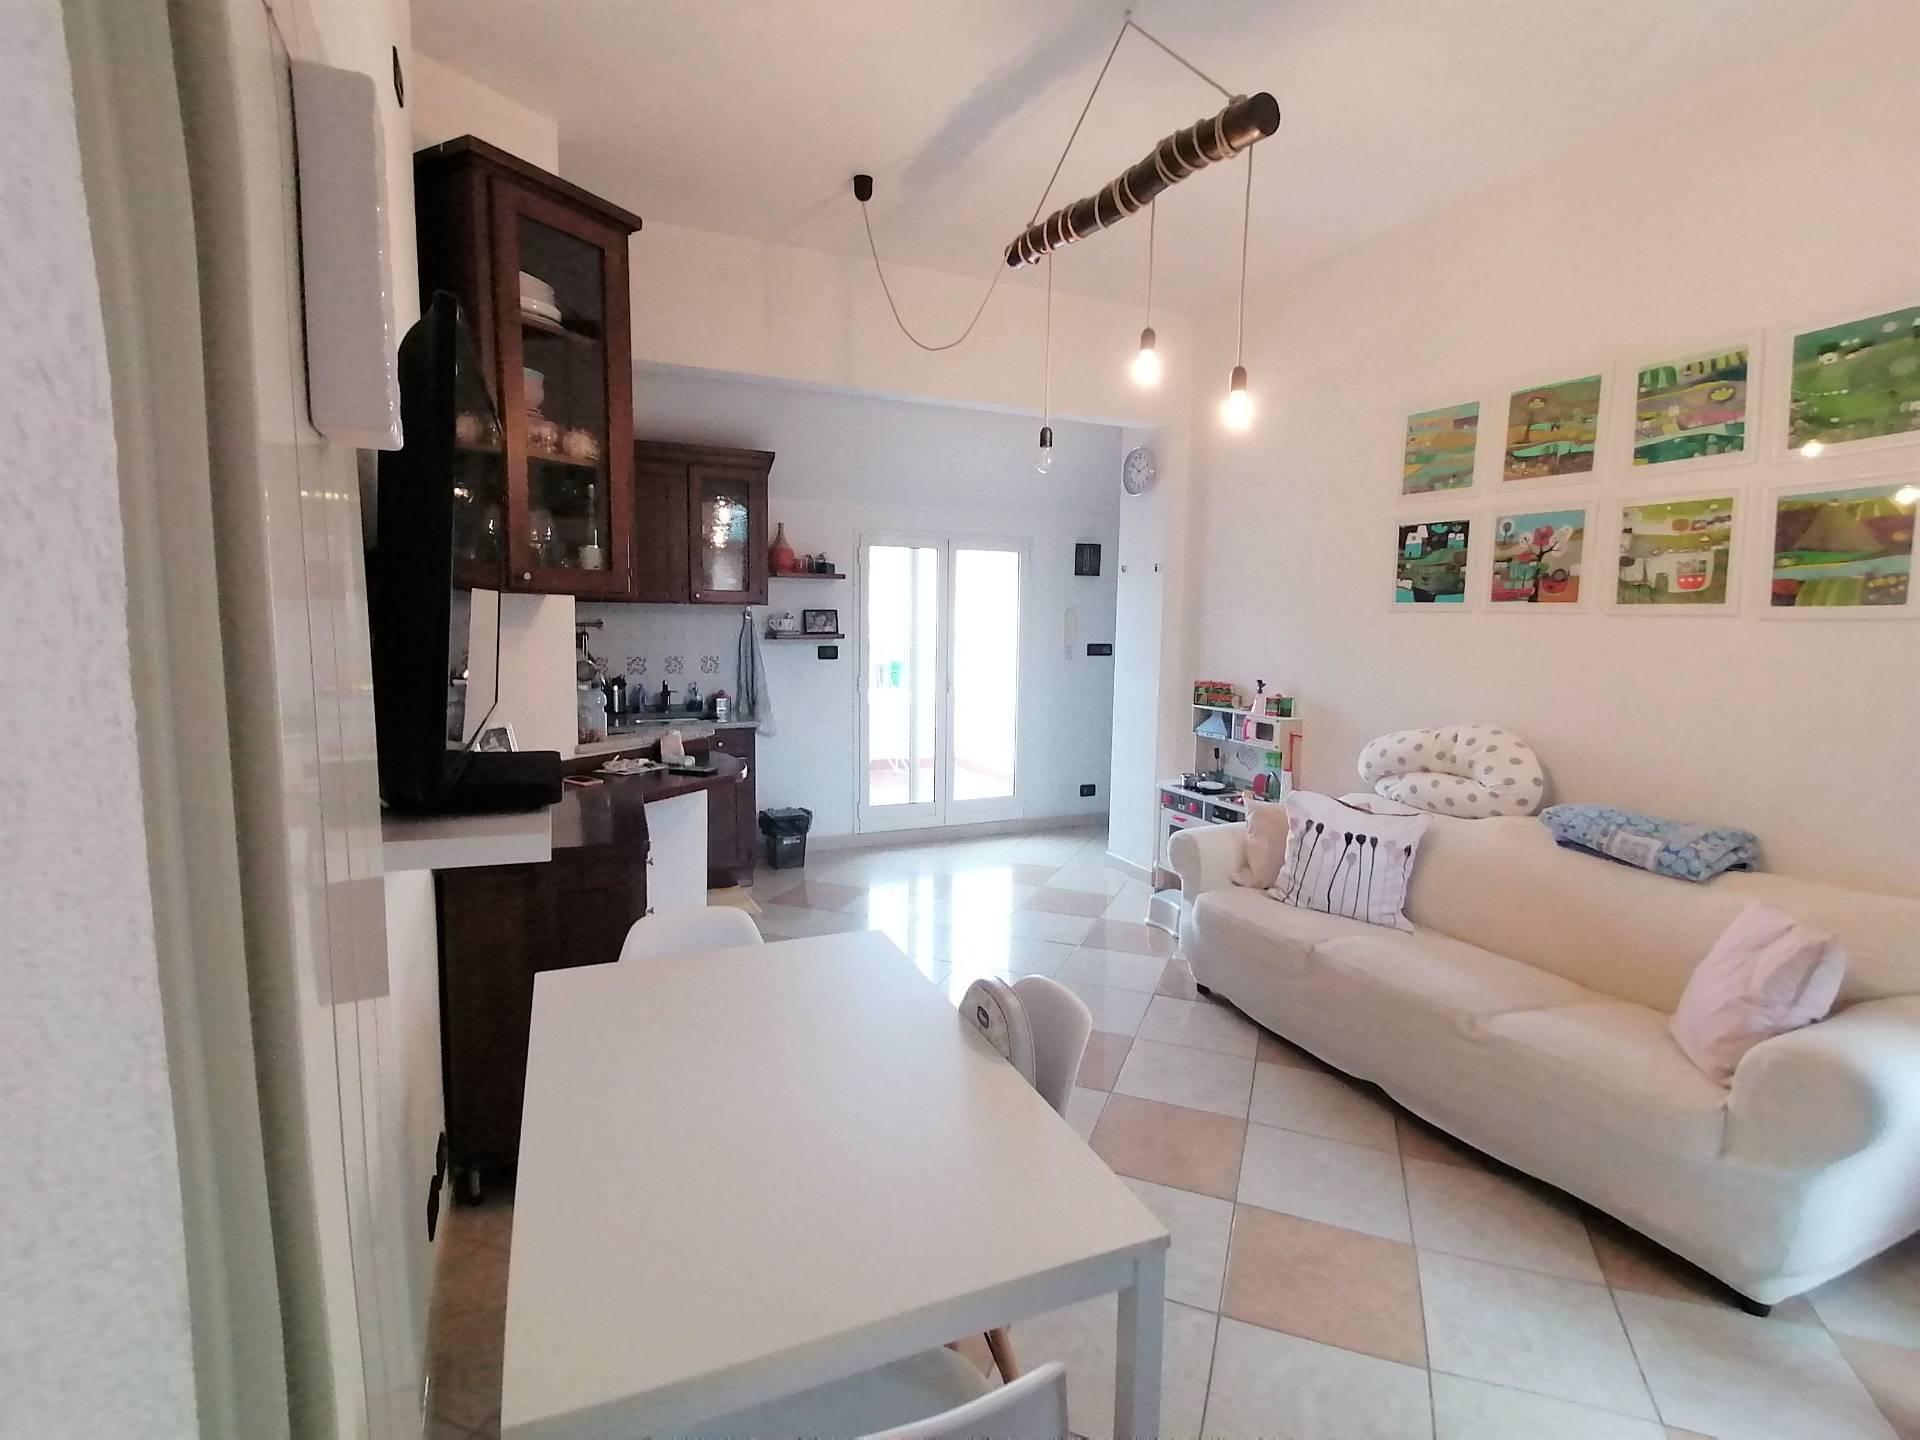 Appartamento in vendita a Albisola Superiore, 3 locali, zona Località: AlbisolaCapo, prezzo € 210.000 | PortaleAgenzieImmobiliari.it